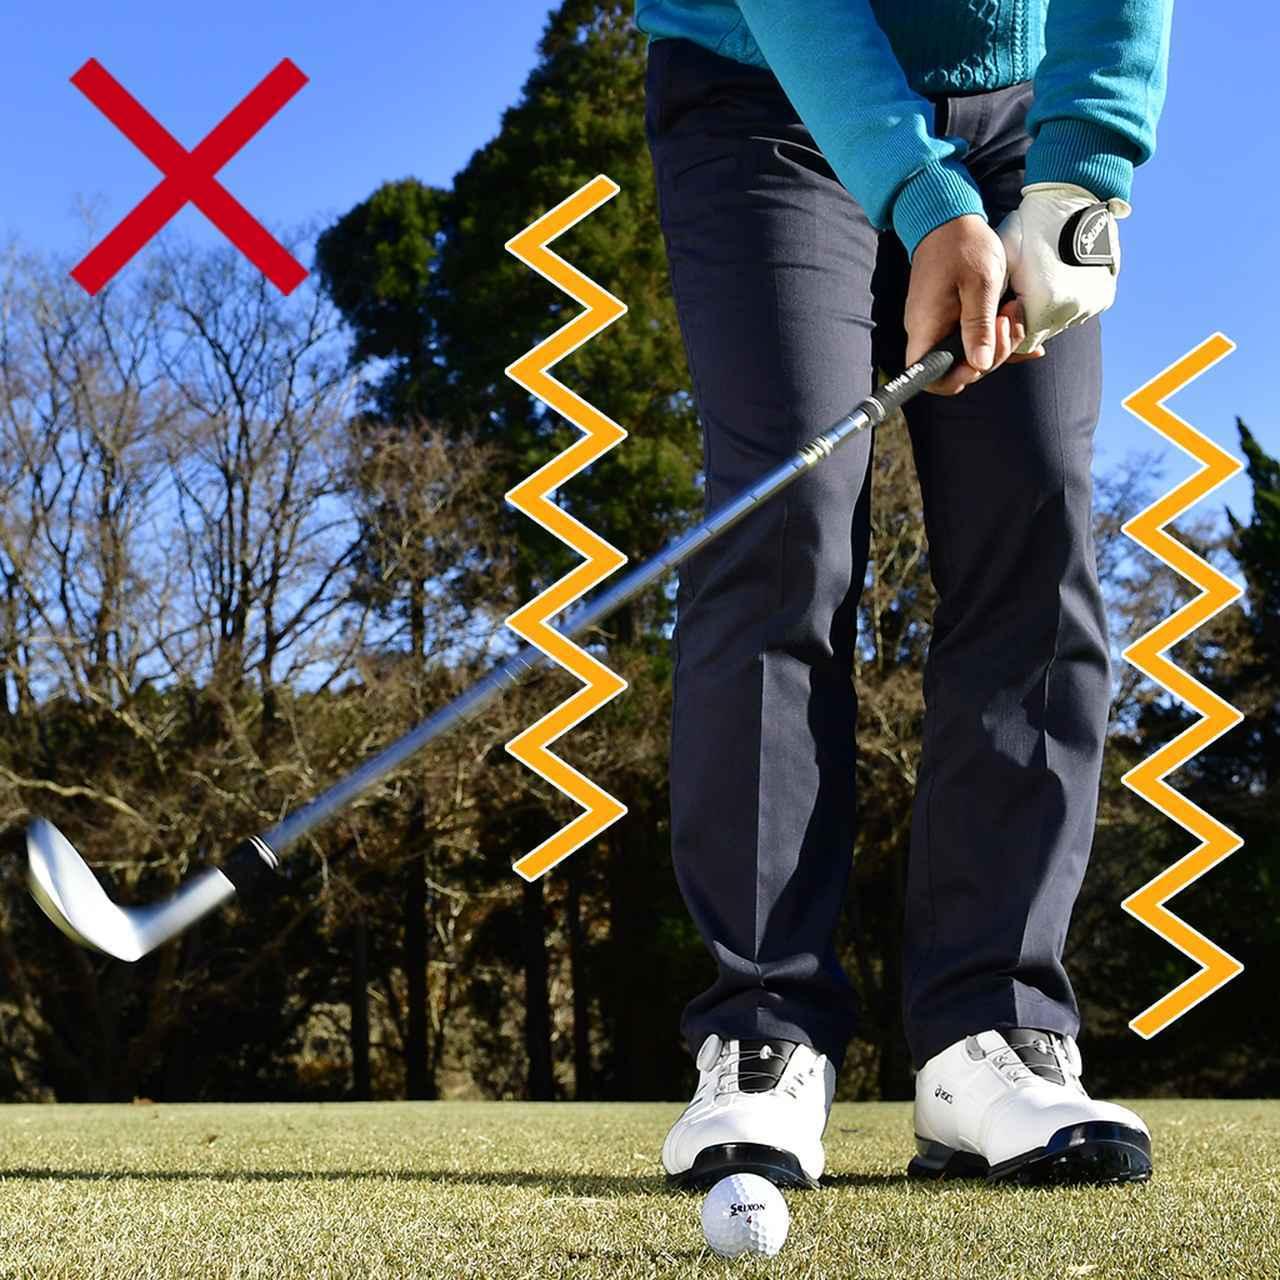 画像: 下半身を止めてスウィングしても、手打ちになるだけで再現性を高める効果は期待できない。回転力が不足してヘッドの抜けも悪くなるので、わずかなダフリが大きなミスになる